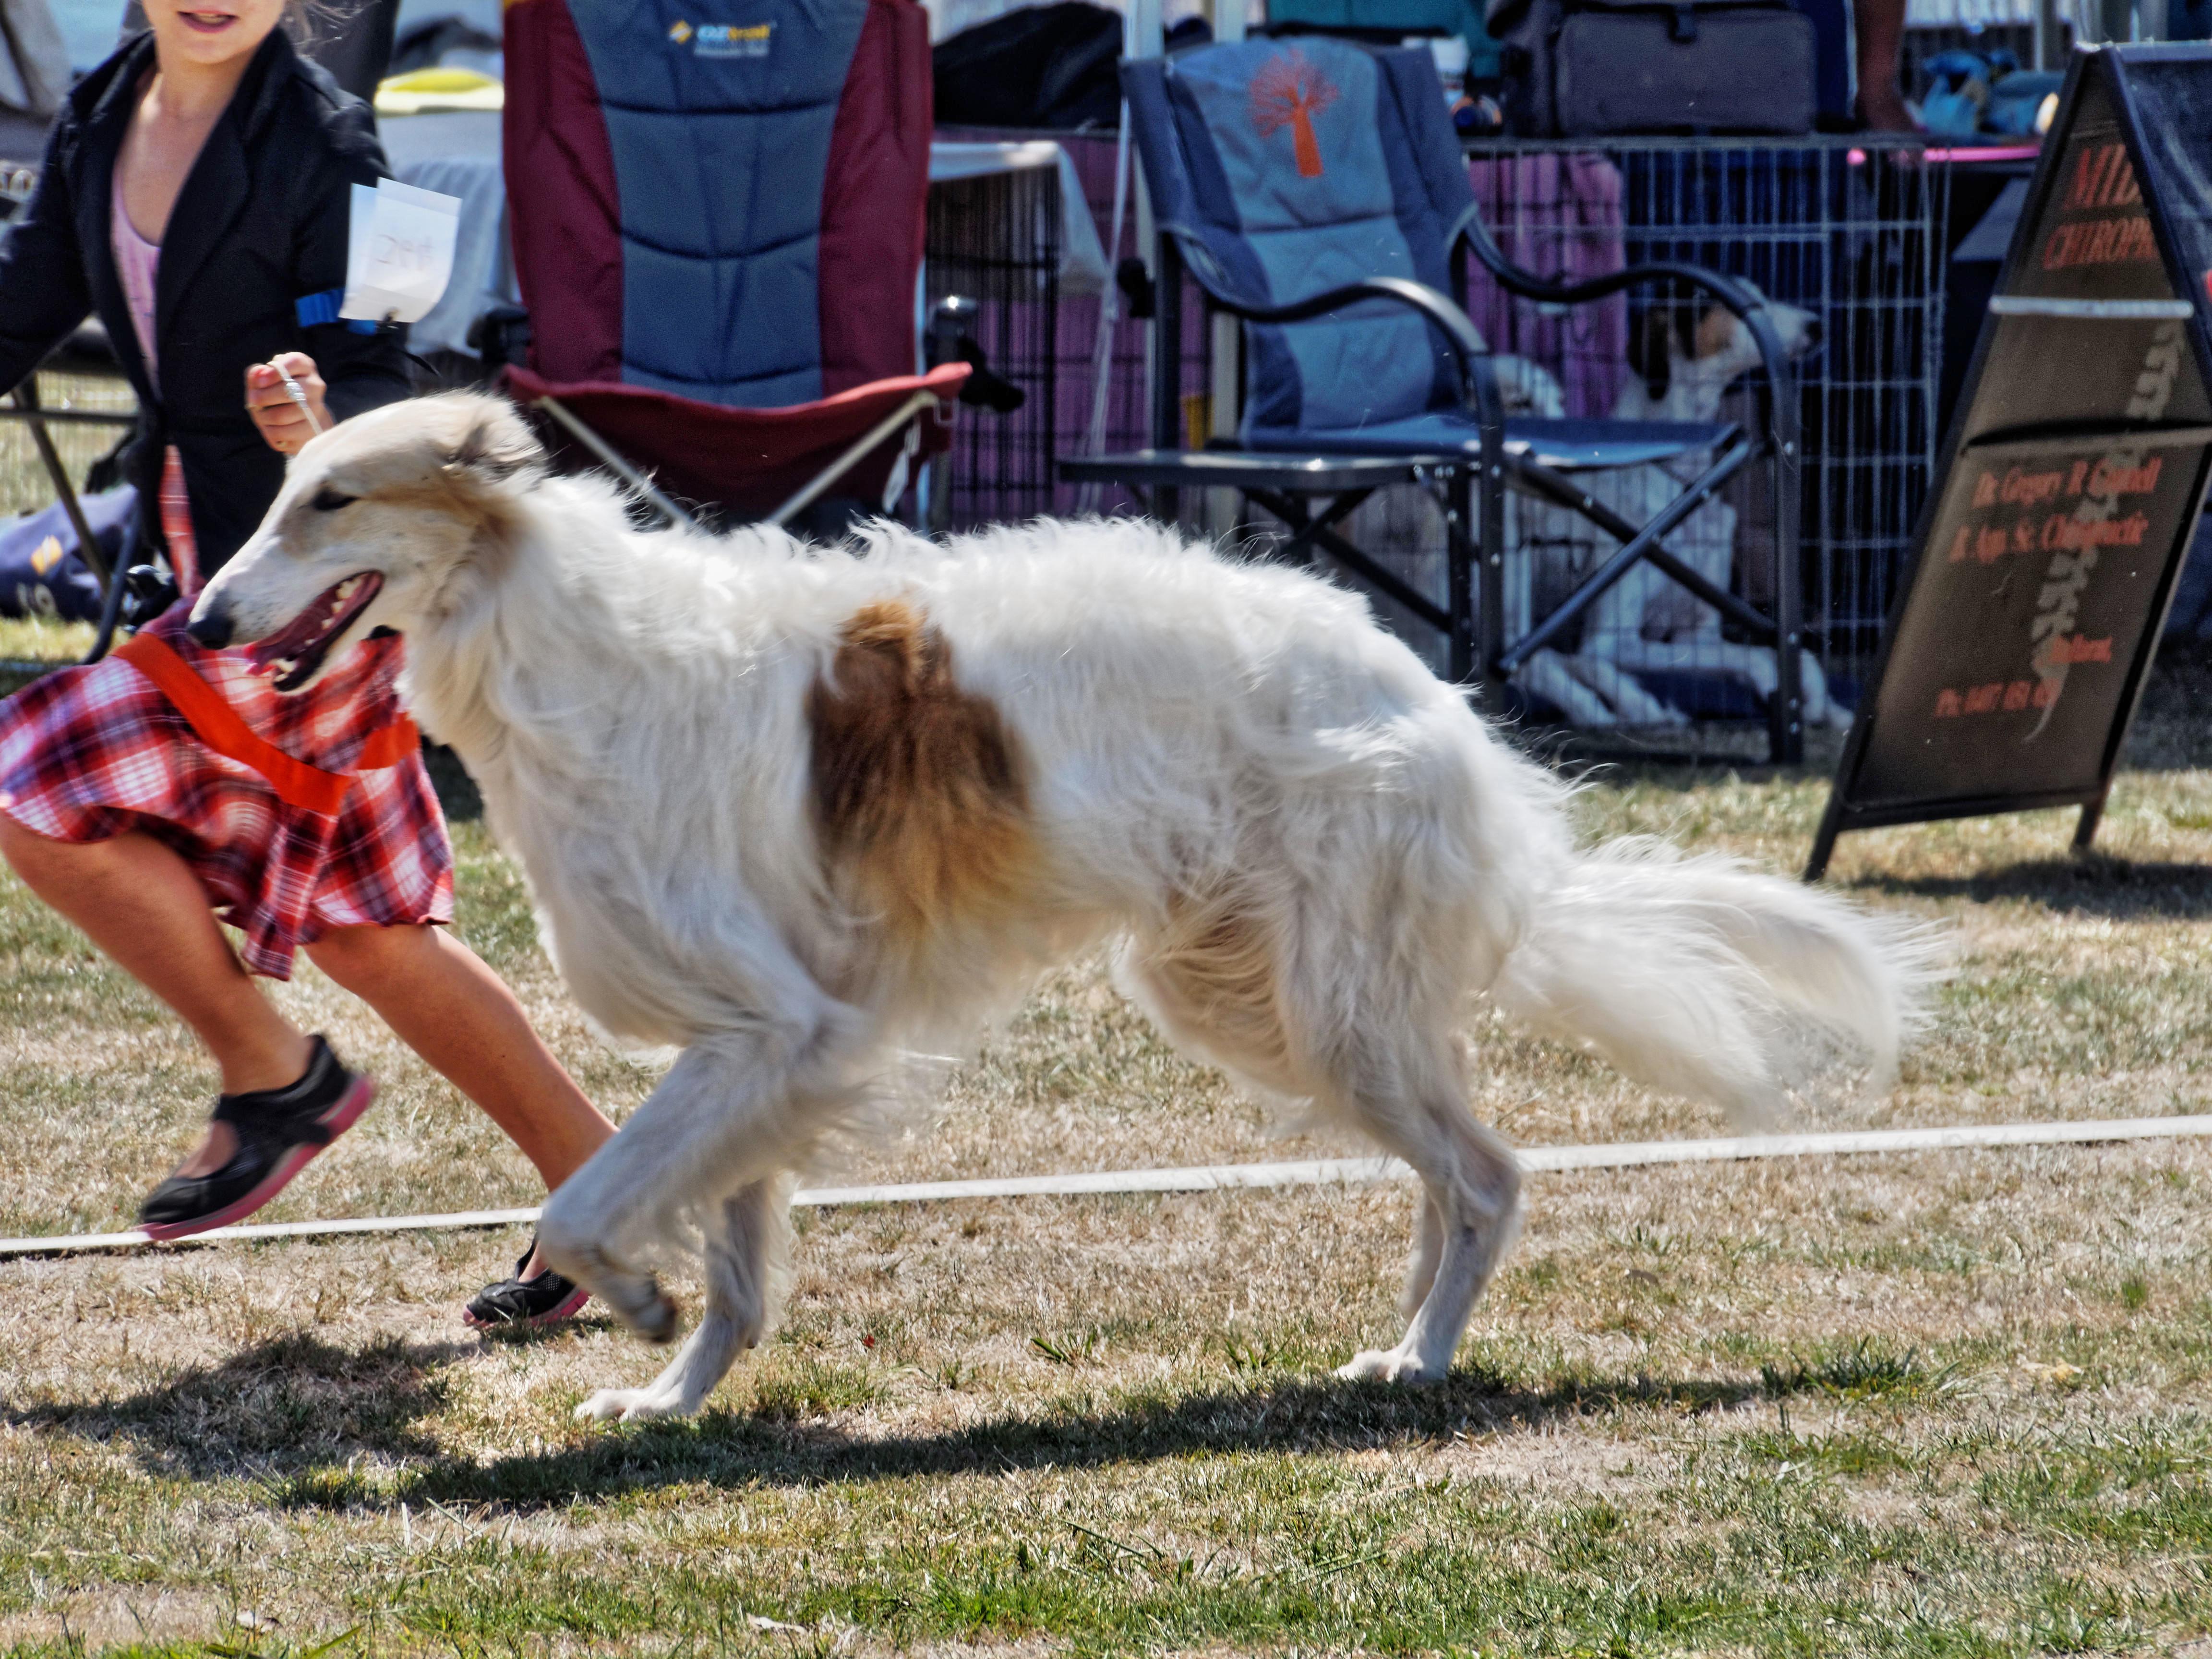 Dog-show-5.jpeg